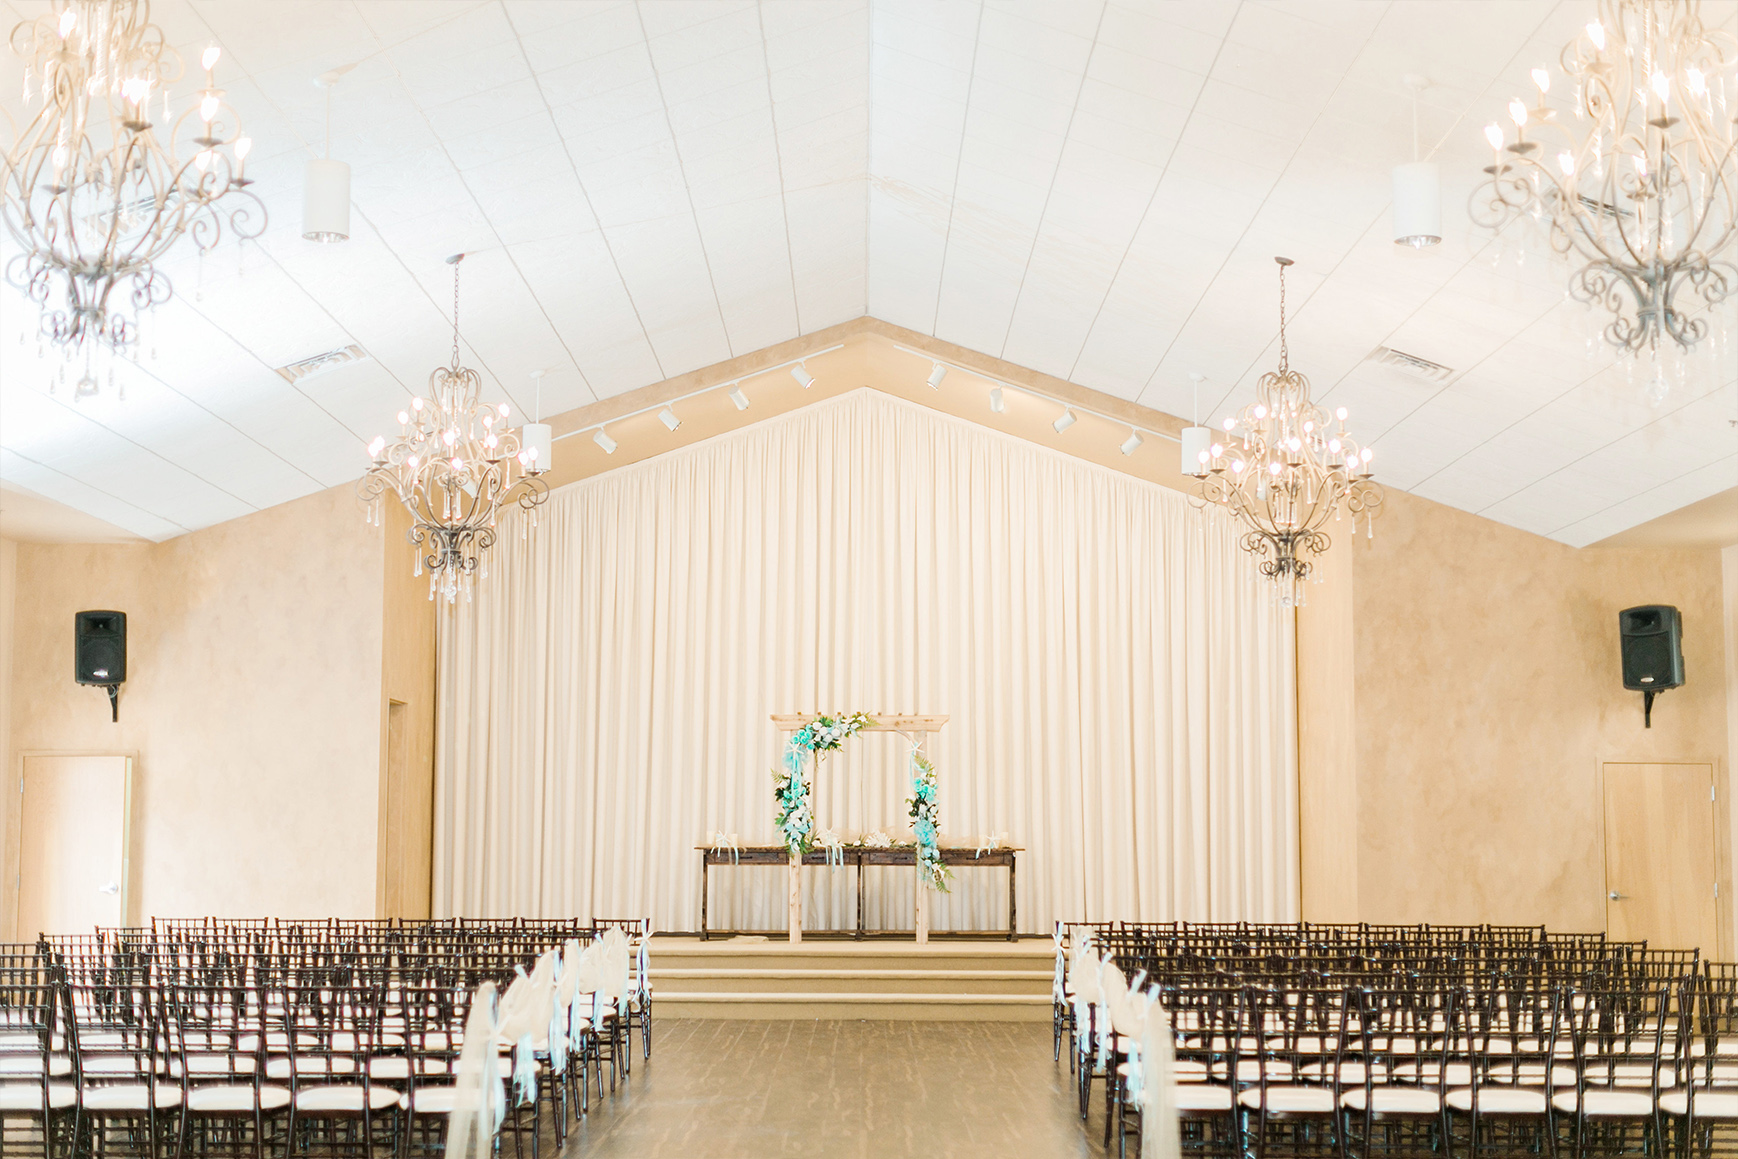 Ceremony Chapel - Black Forest - Colorado Springs, Colorado - El Paso County - Wedgewood Weddings